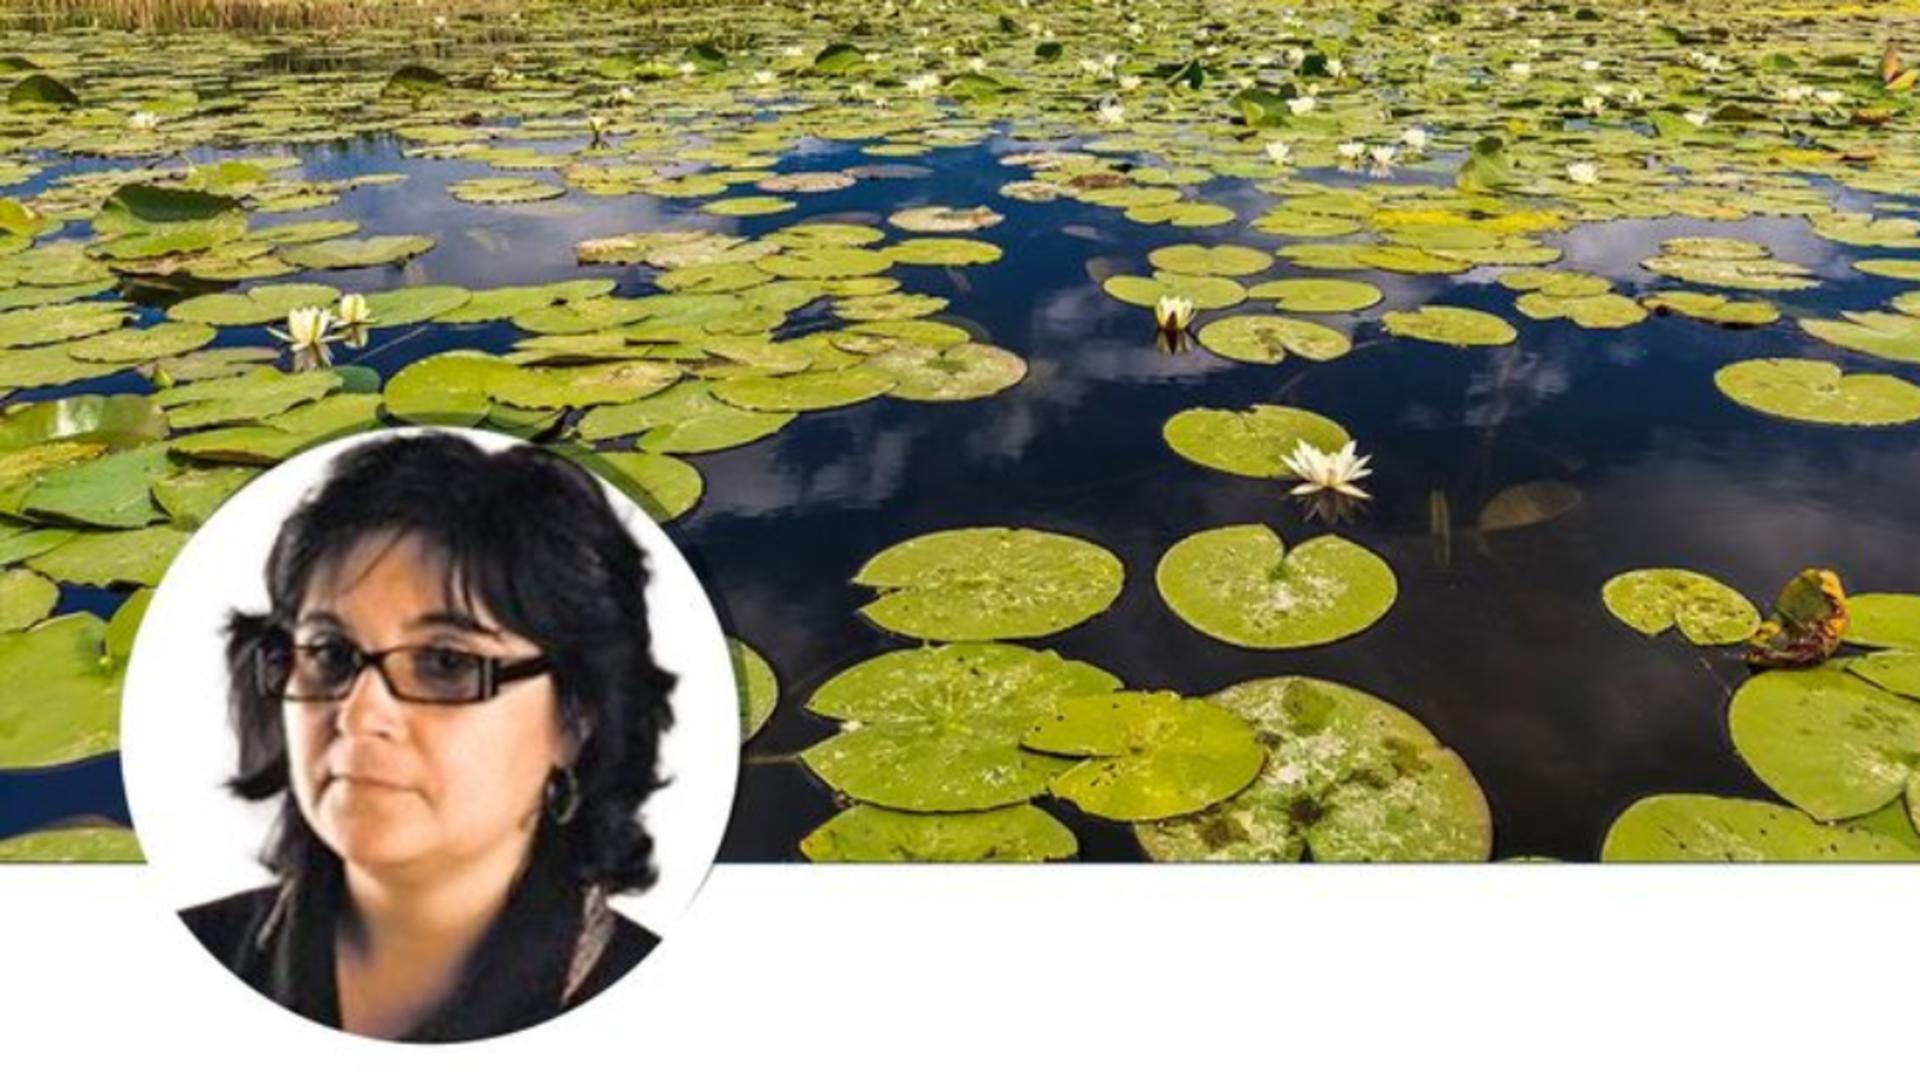 Atena-Adriana Groza, propusă guvernator al Biosferei Delta Dunării